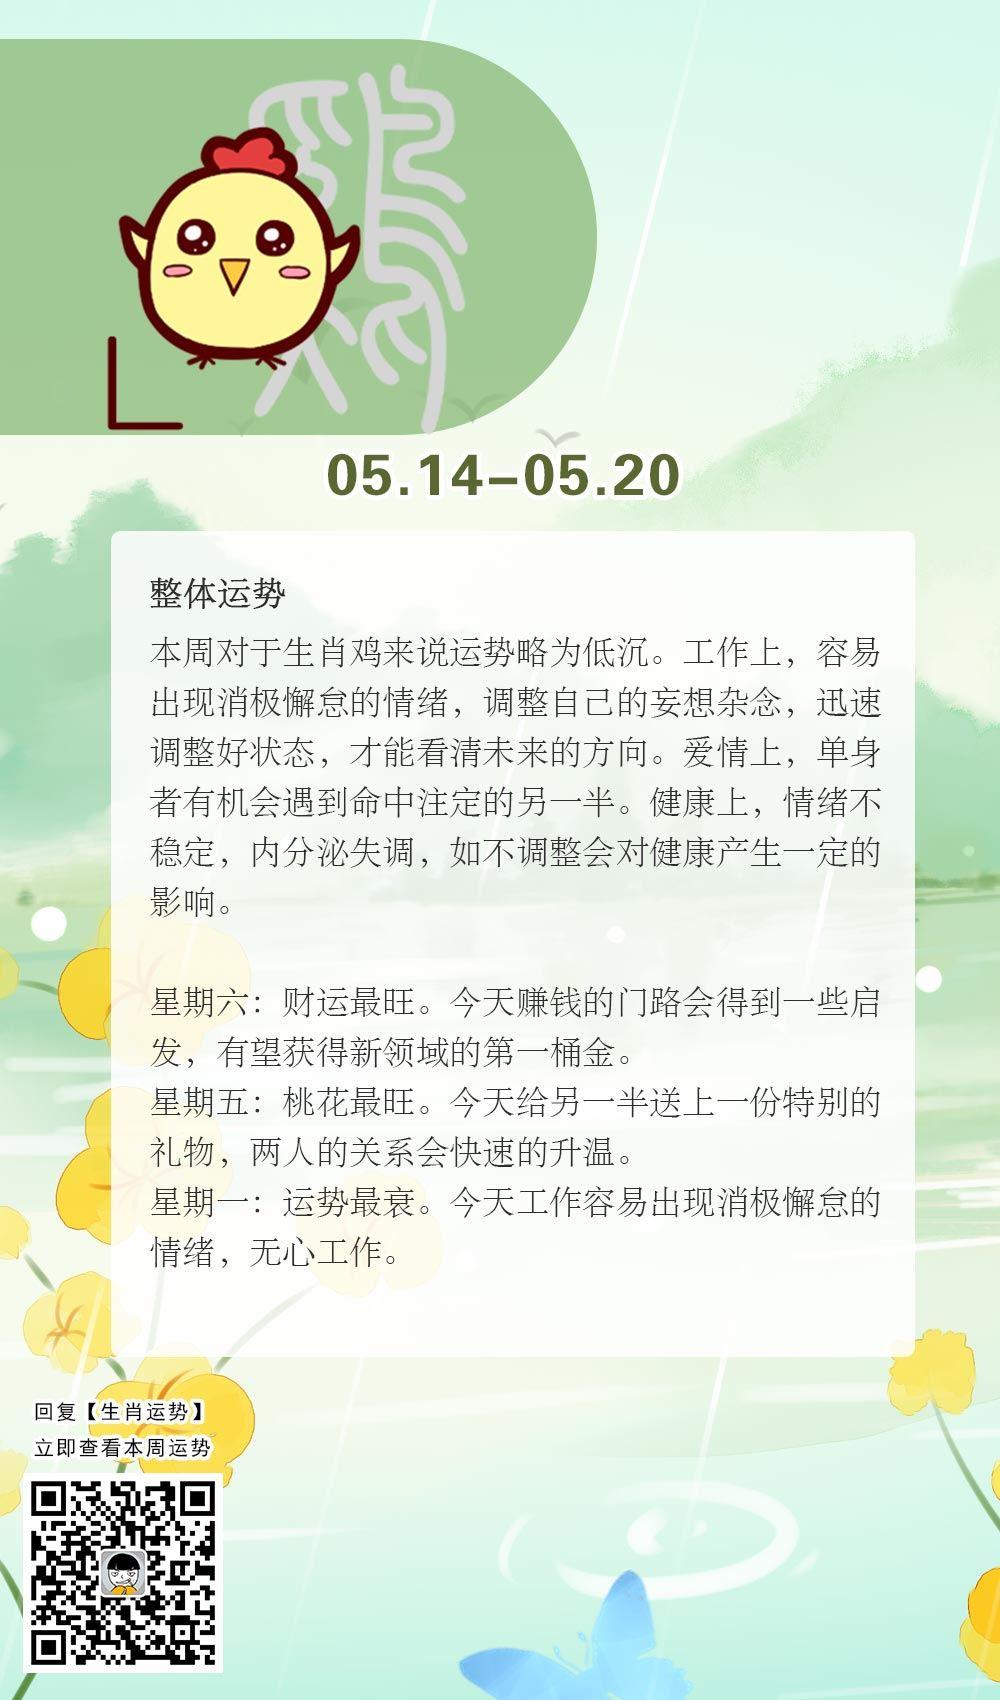 生肖鸡本周运势【2018.05.14-05.20】